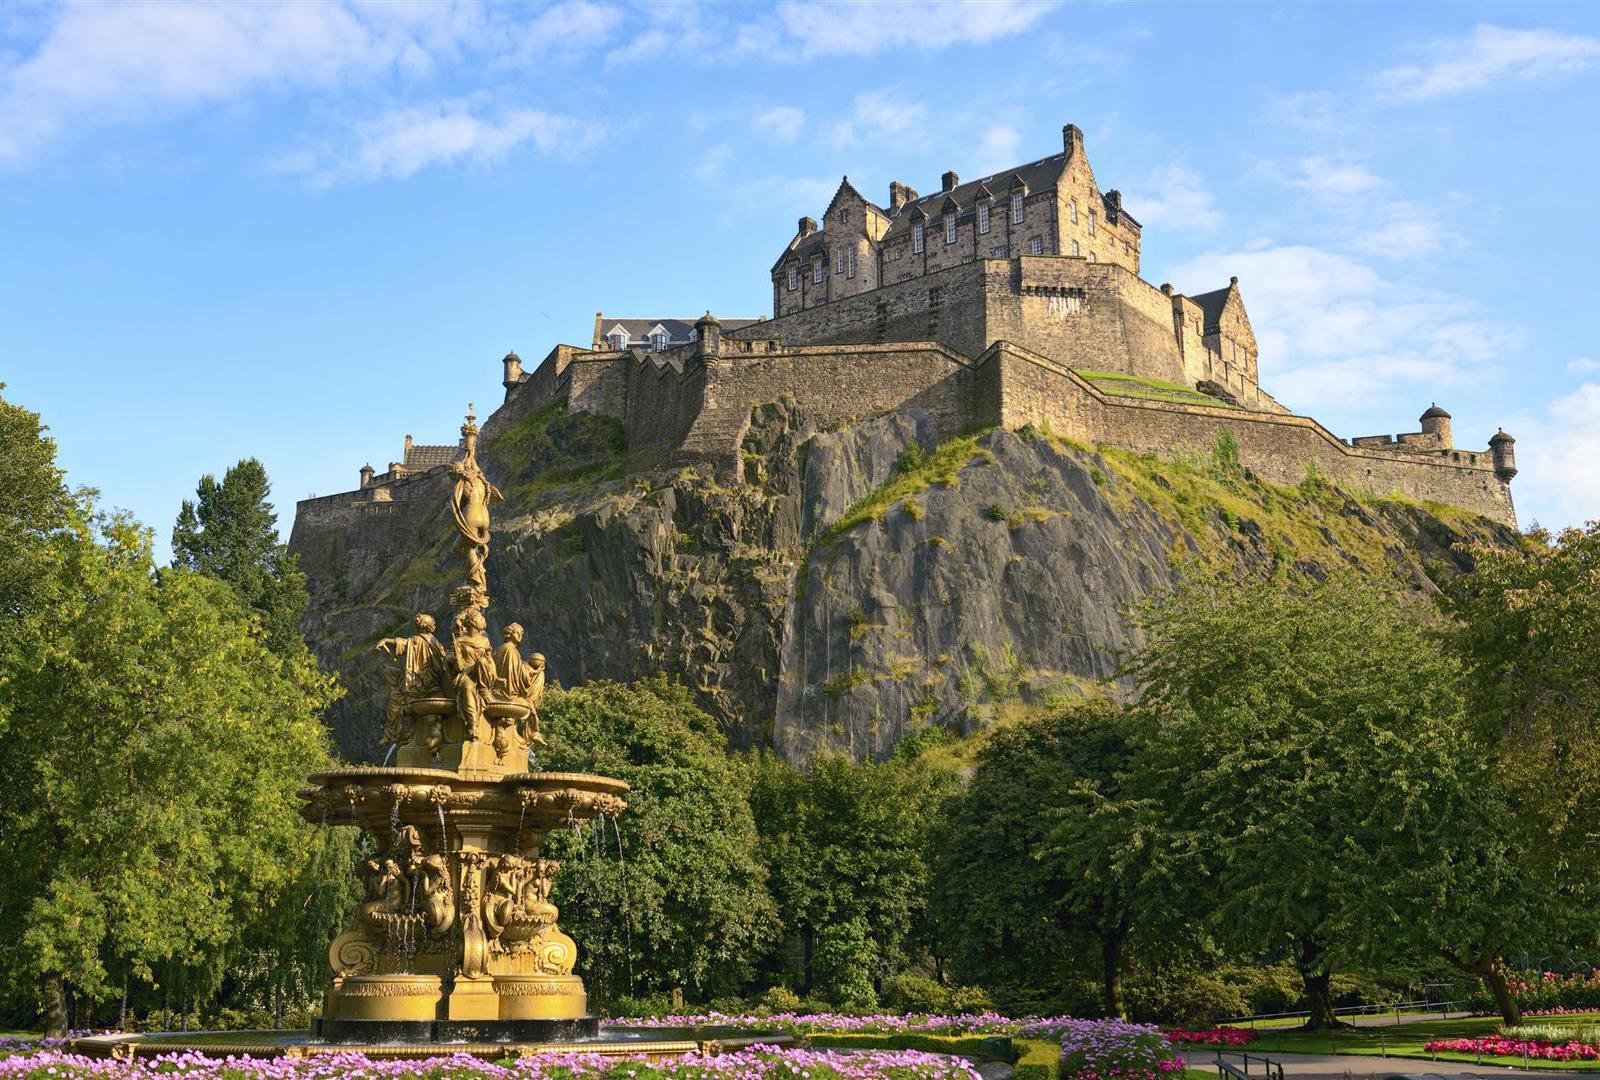 От Эдинбурга до Лондона: большое английское путешествие - отзыв о каникулах